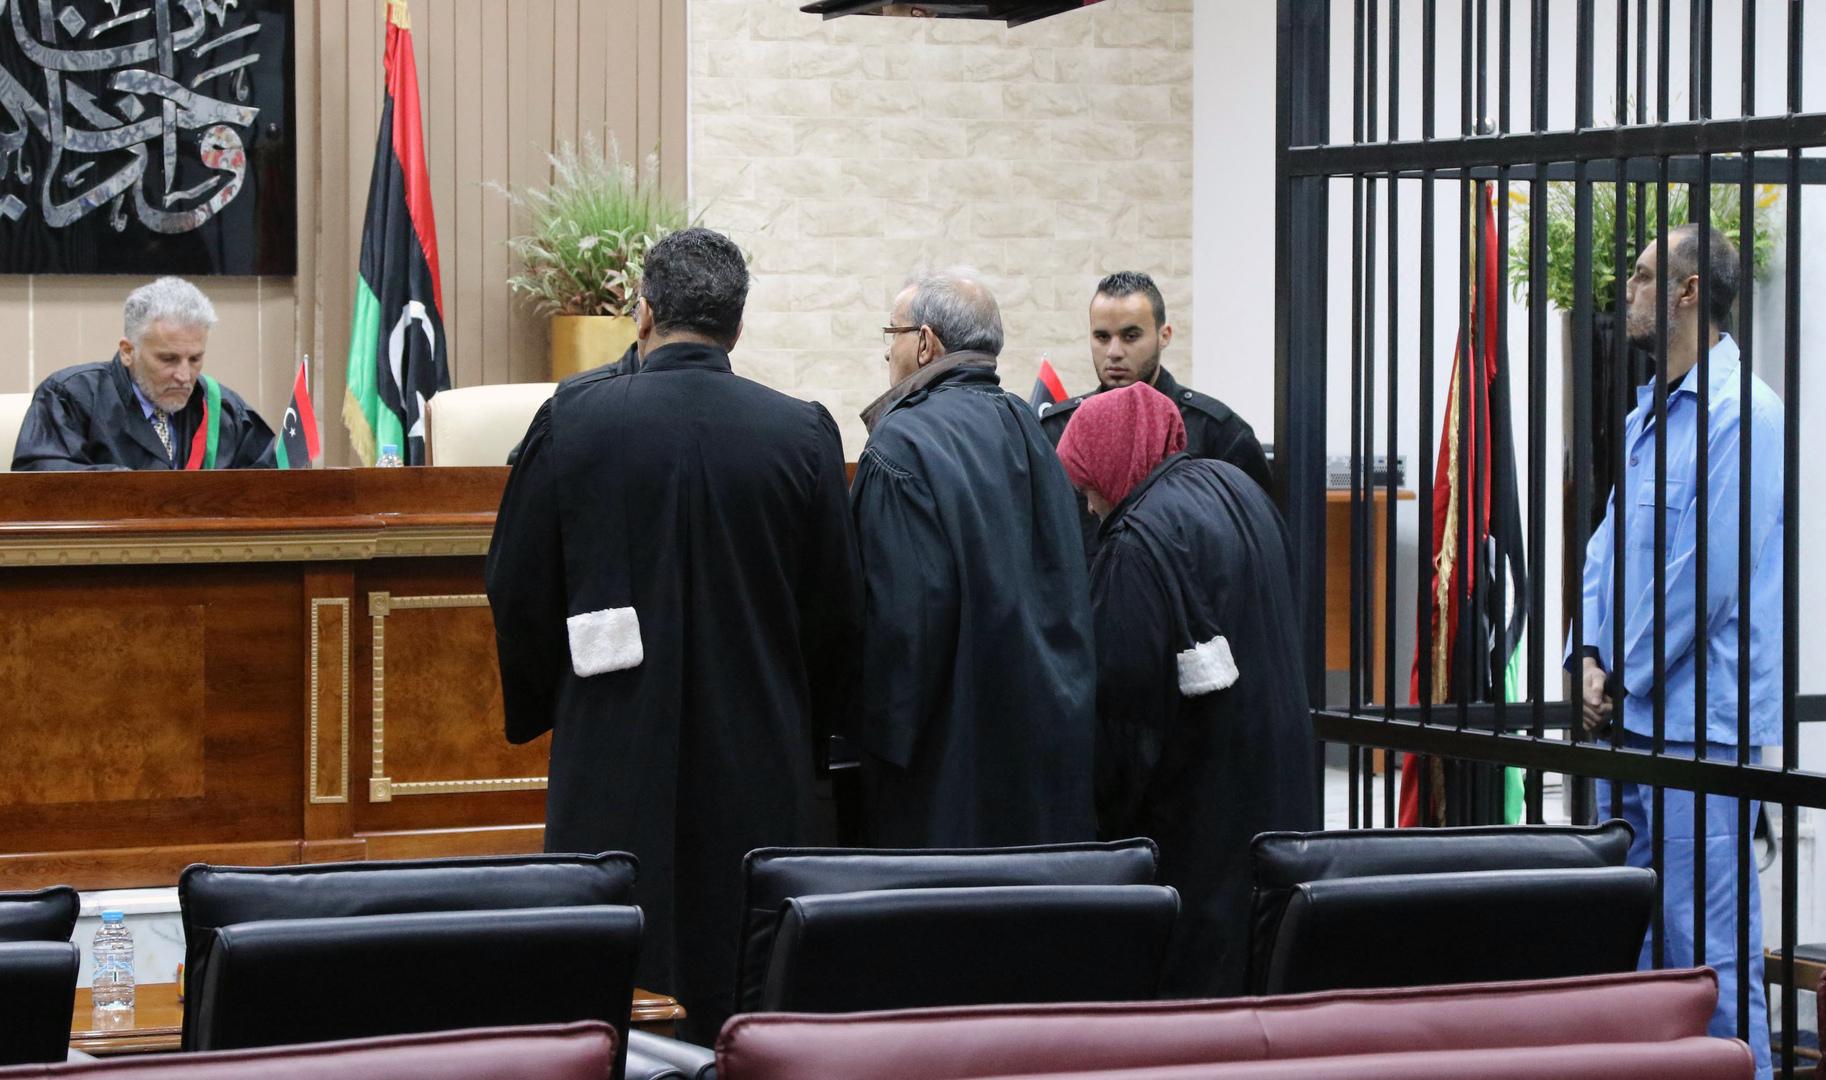 ليبيا.. مكتب وزير الدولة لشؤون المهجرين وحقوق الإنسان يرحب بالإفراج عن قيادات من النظام السابق